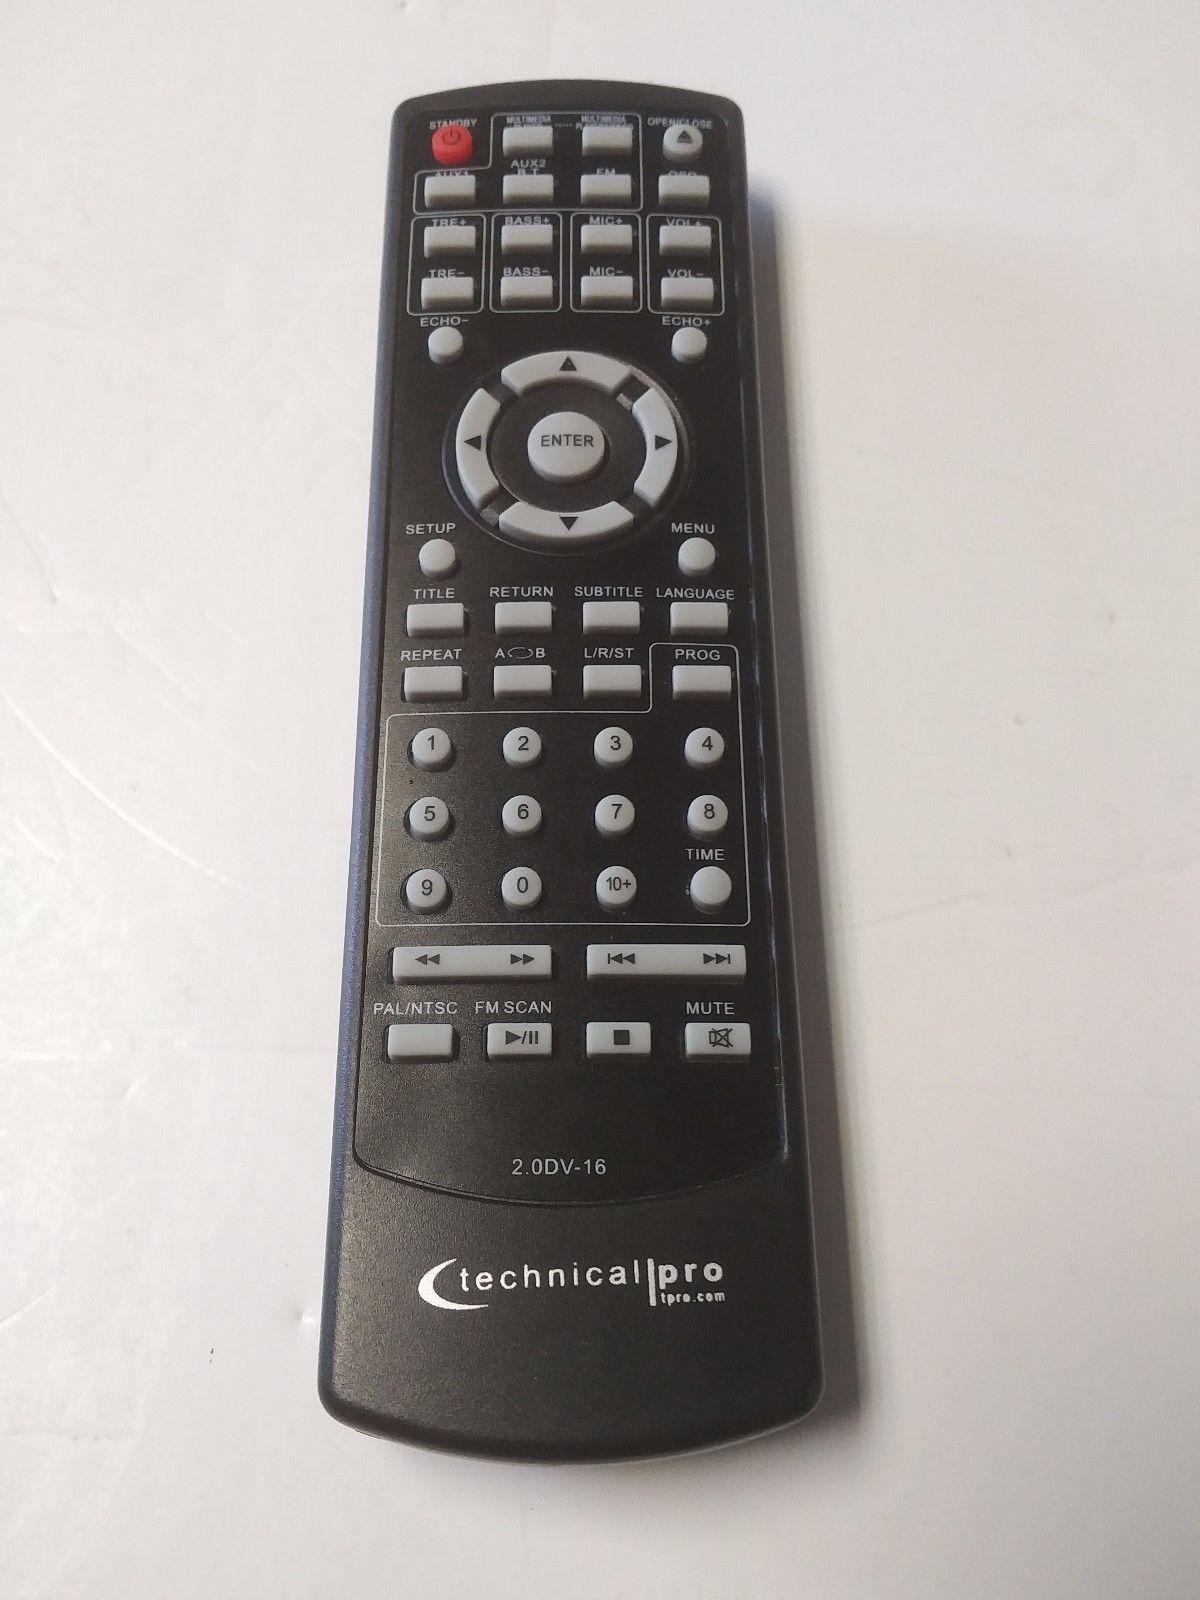 Original Technical Pro REMOTE CONTROL for DV4000